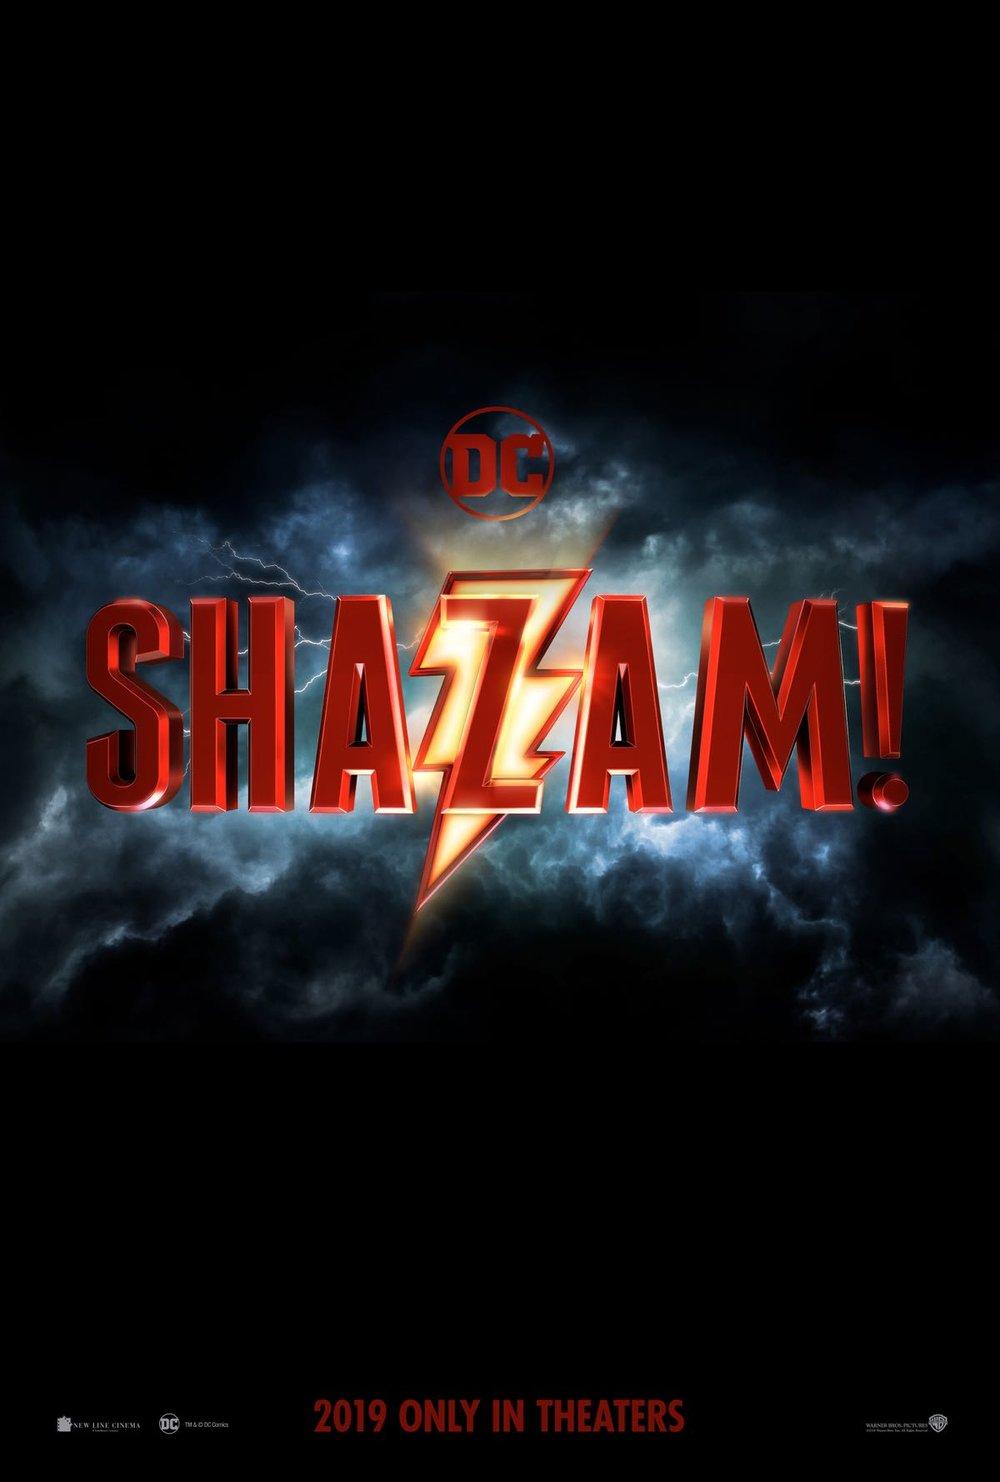 shazam_tt_vert_dom_2764x4096_fin_master-2.jpg